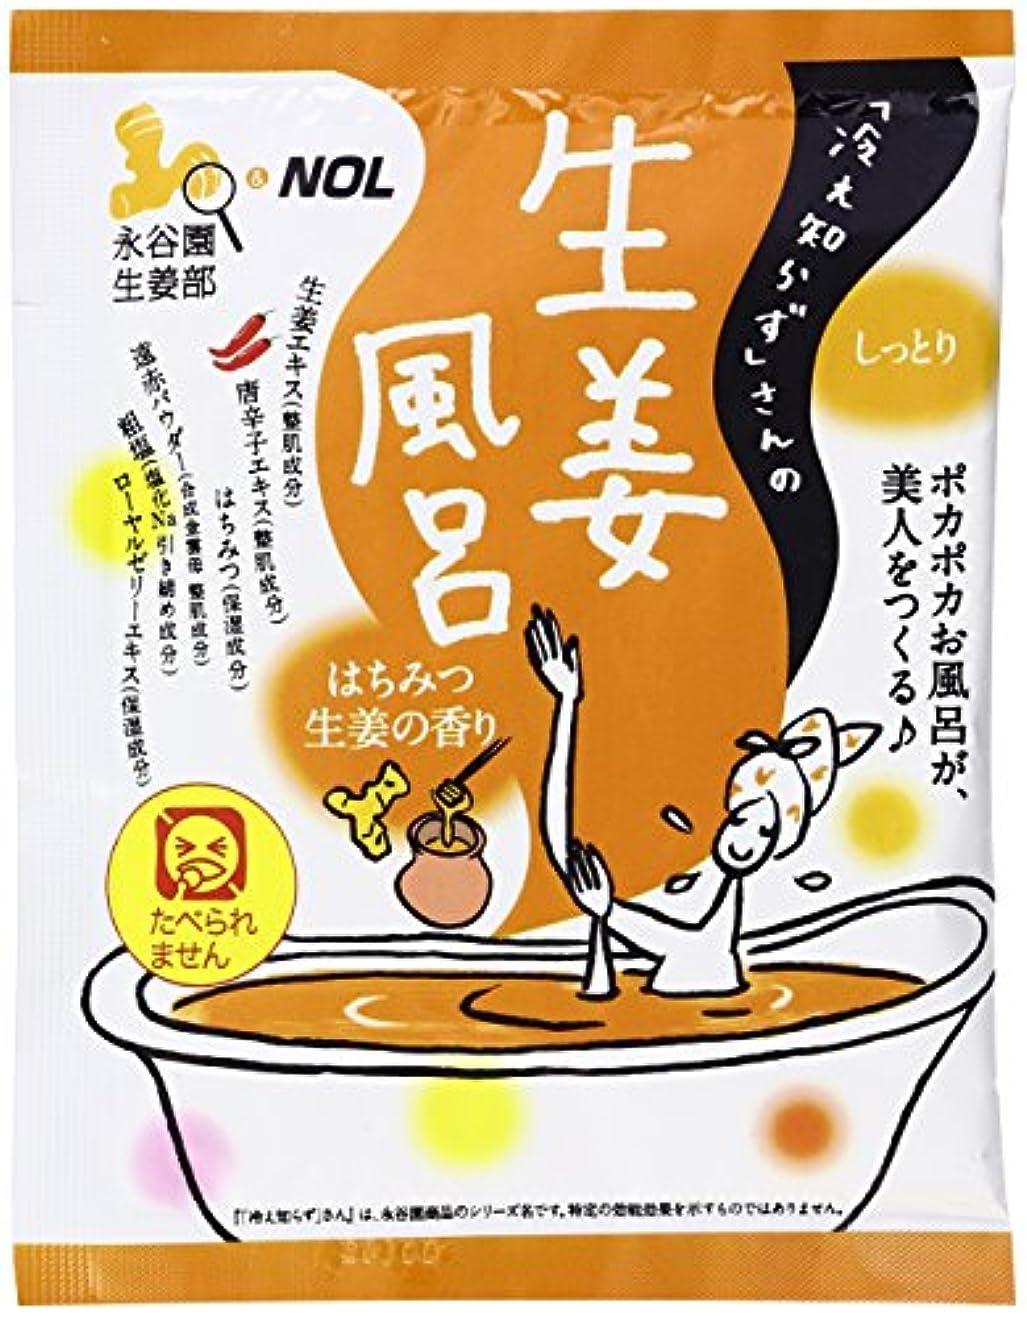 軌道スケジュール頭蓋骨ノルコーポレーション 入浴剤 冷え知らずさんの生姜風呂 40g はちみつ生姜の香り NGT-1-02